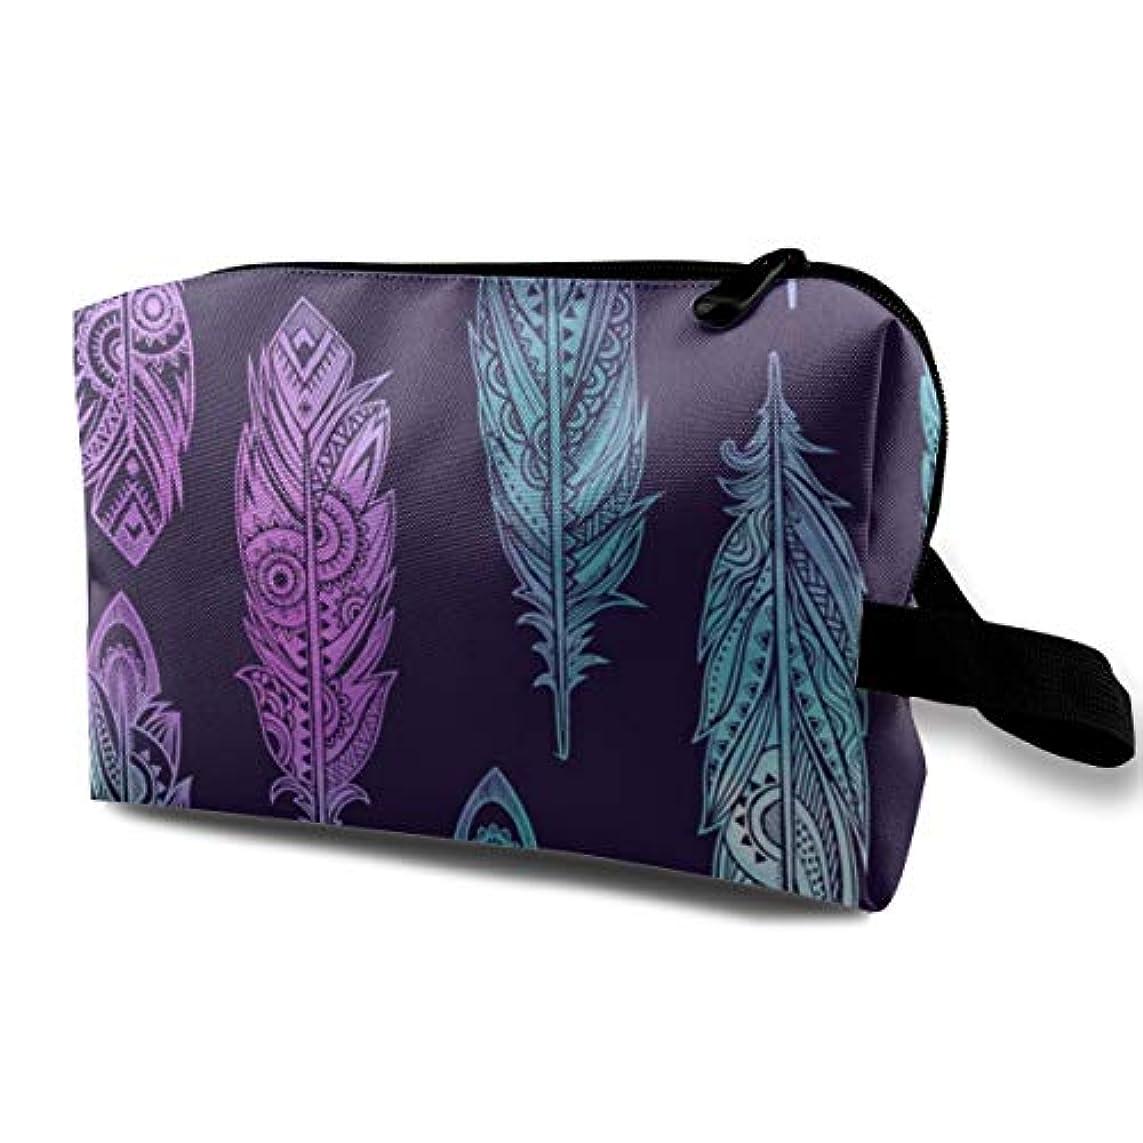 決めます指紋防ぐVintage Tribal Feathers 収納ポーチ 化粧ポーチ 大容量 軽量 耐久性 ハンドル付持ち運び便利。入れ 自宅?出張?旅行?アウトドア撮影などに対応。メンズ レディース トラベルグッズ